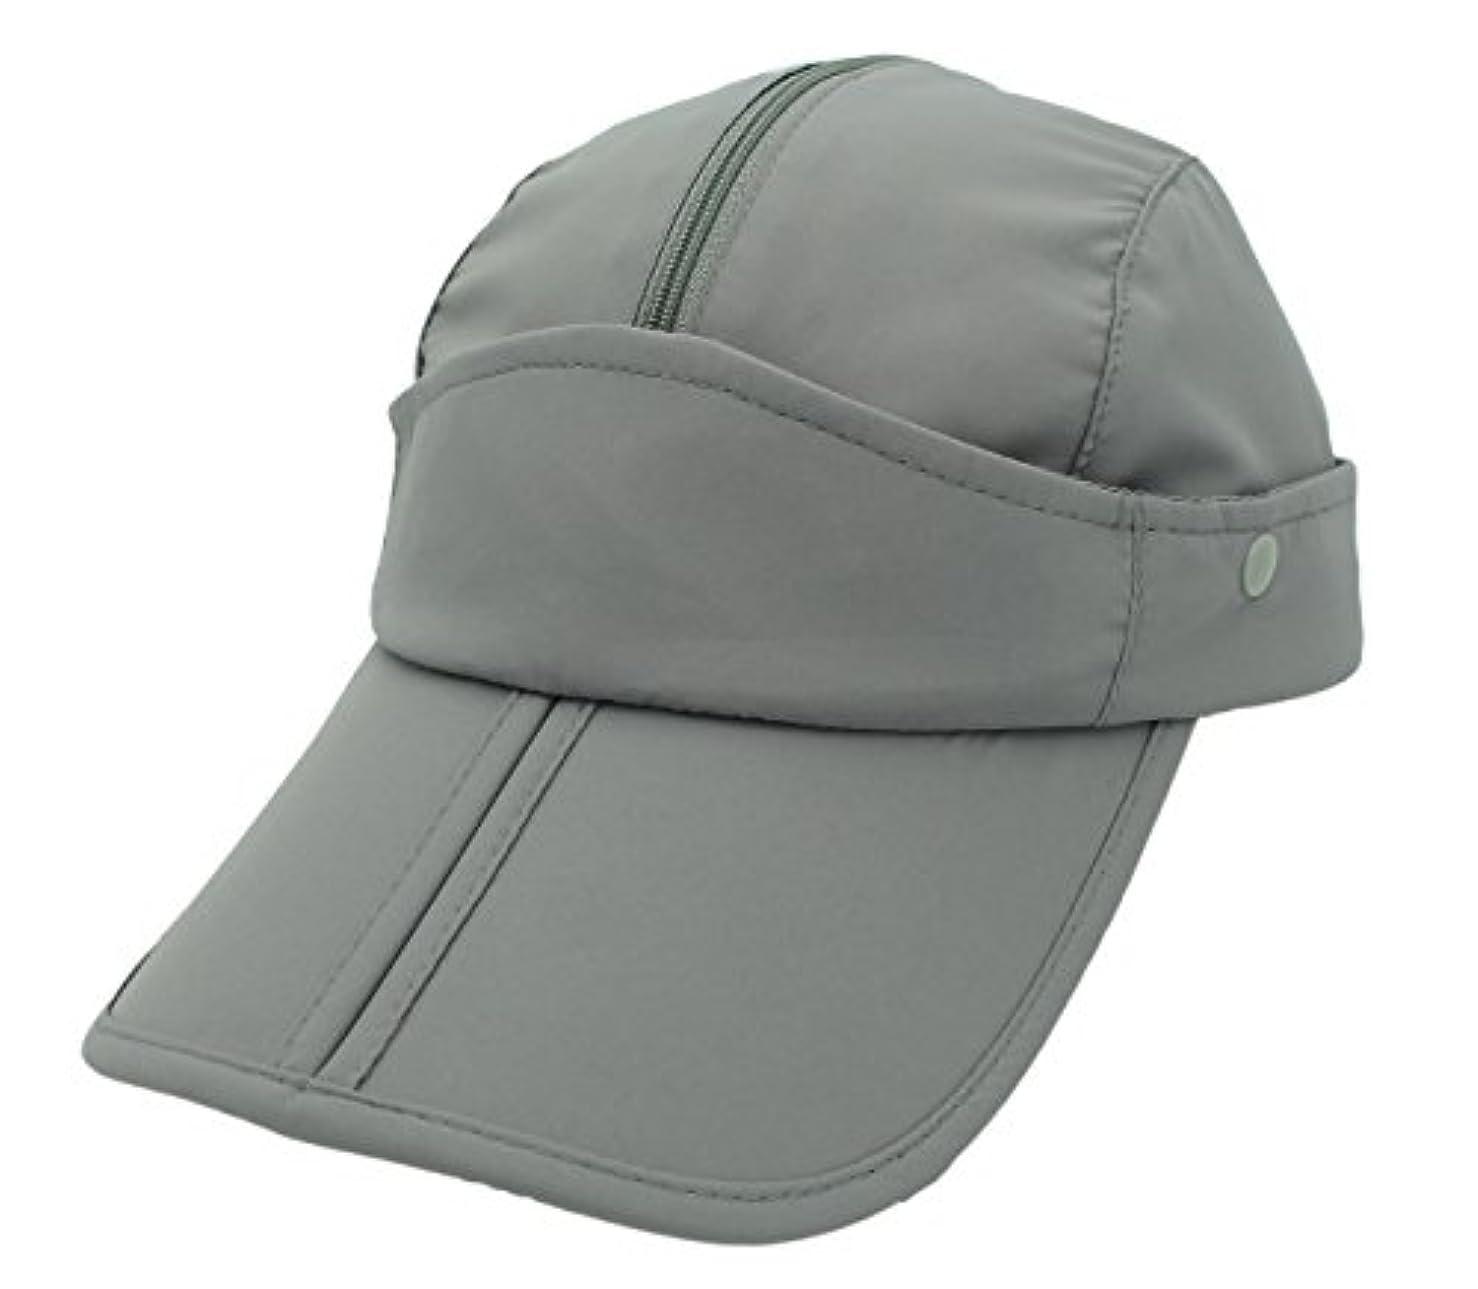 イル一人でポルトガル語epsionレディースサンバイザー帽子Large Wide Brim UV保護2 in 1ビーチキャップ